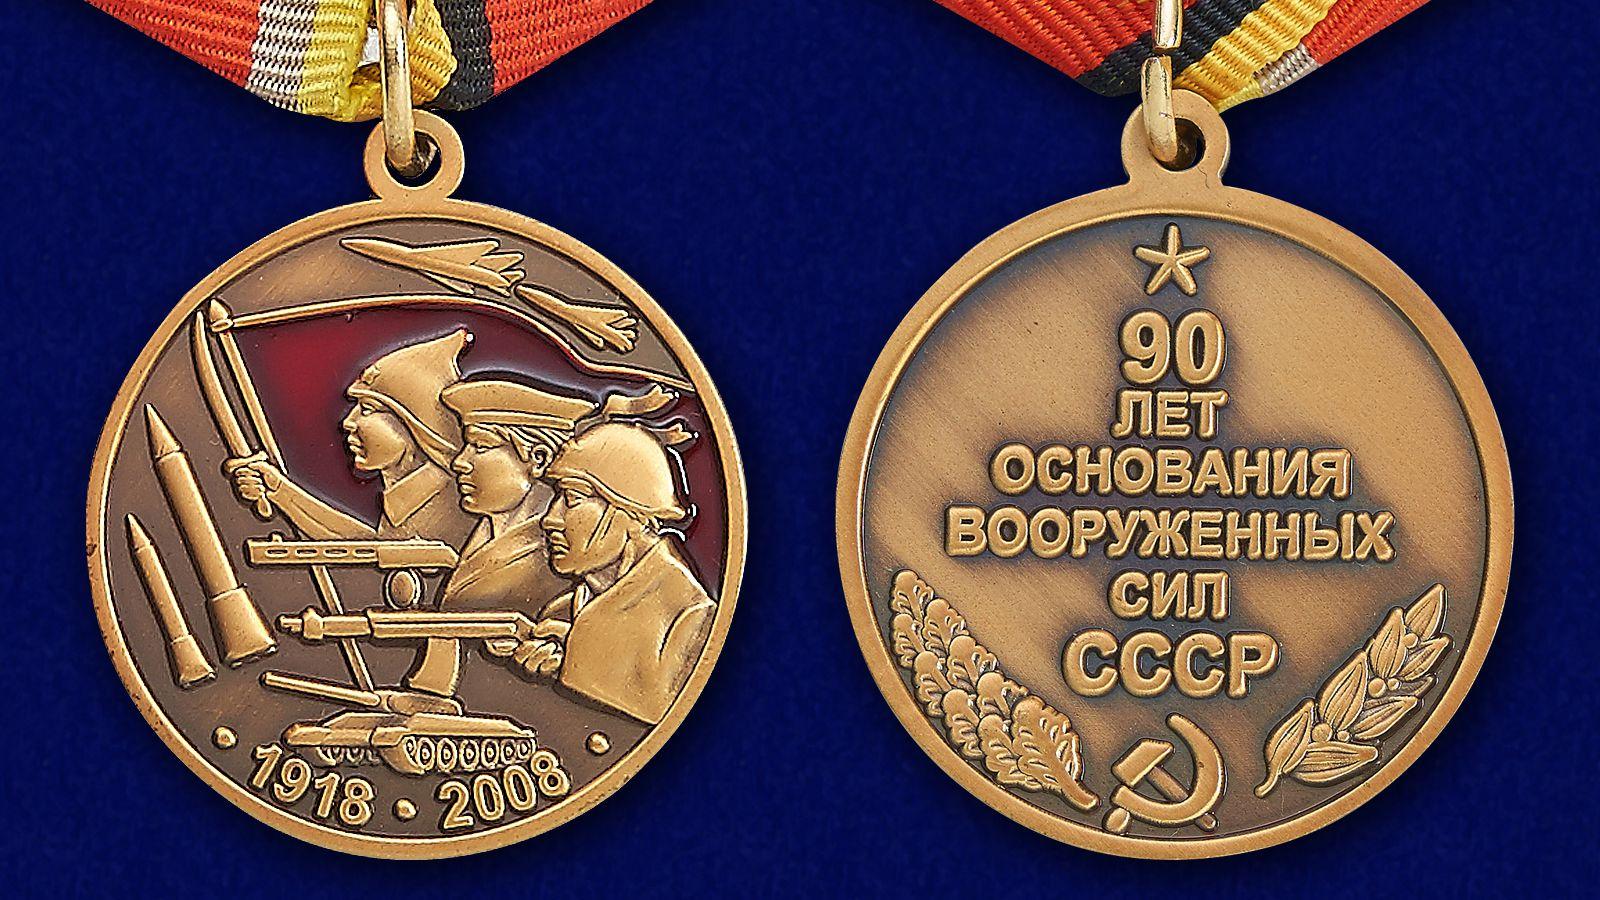 """Медаль """"90 лет основания Вооружённых сил СССР"""" - аверс и реверс"""